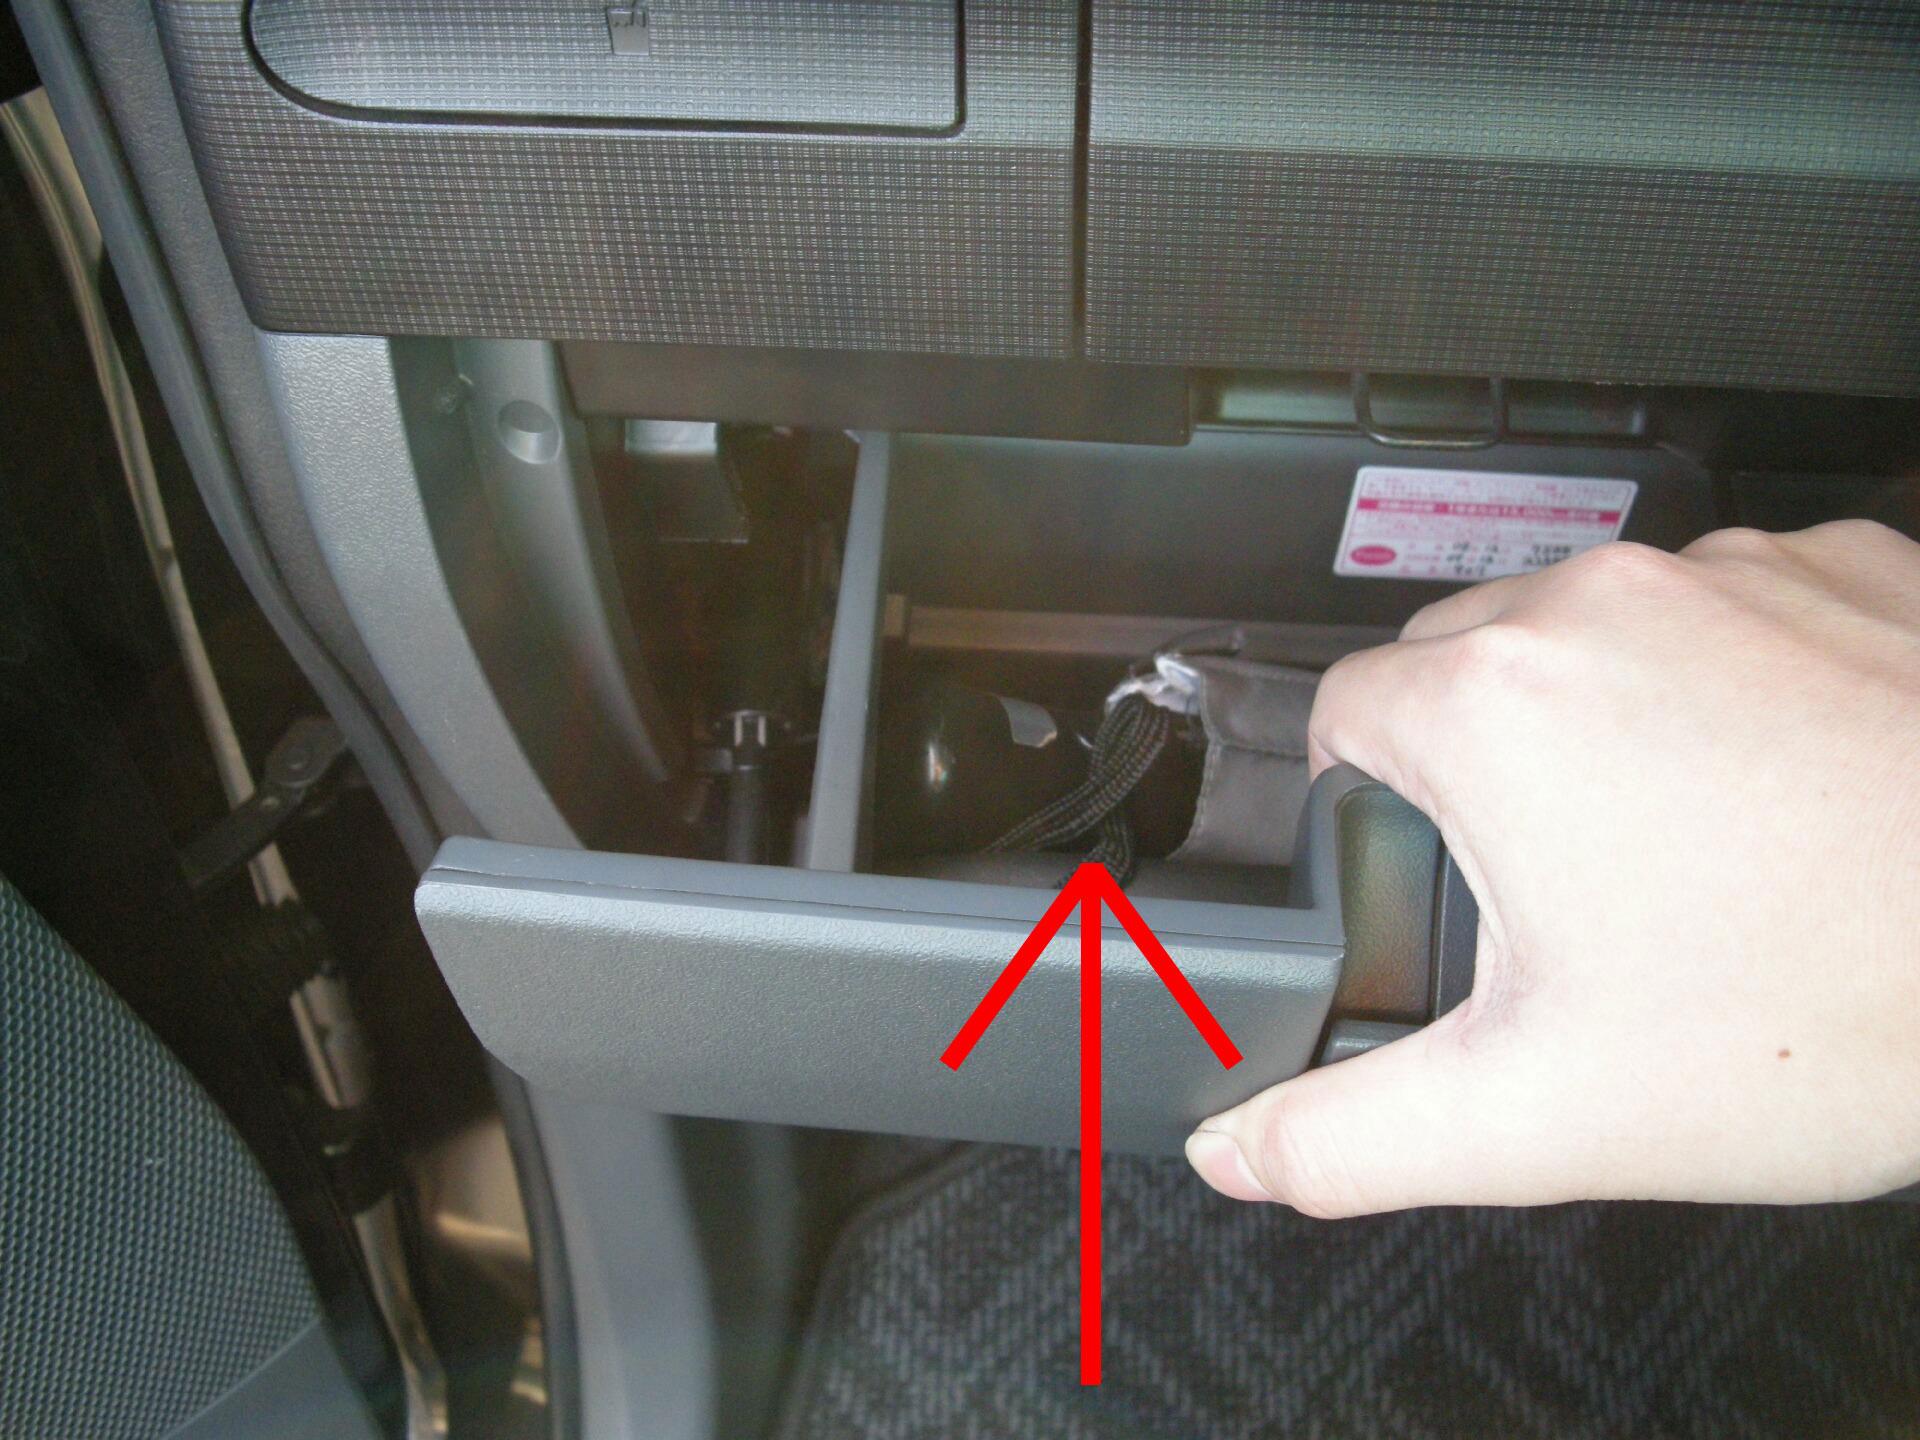 2.グローブボックスをしっかり掴んで、上へ引っ張って取り外す